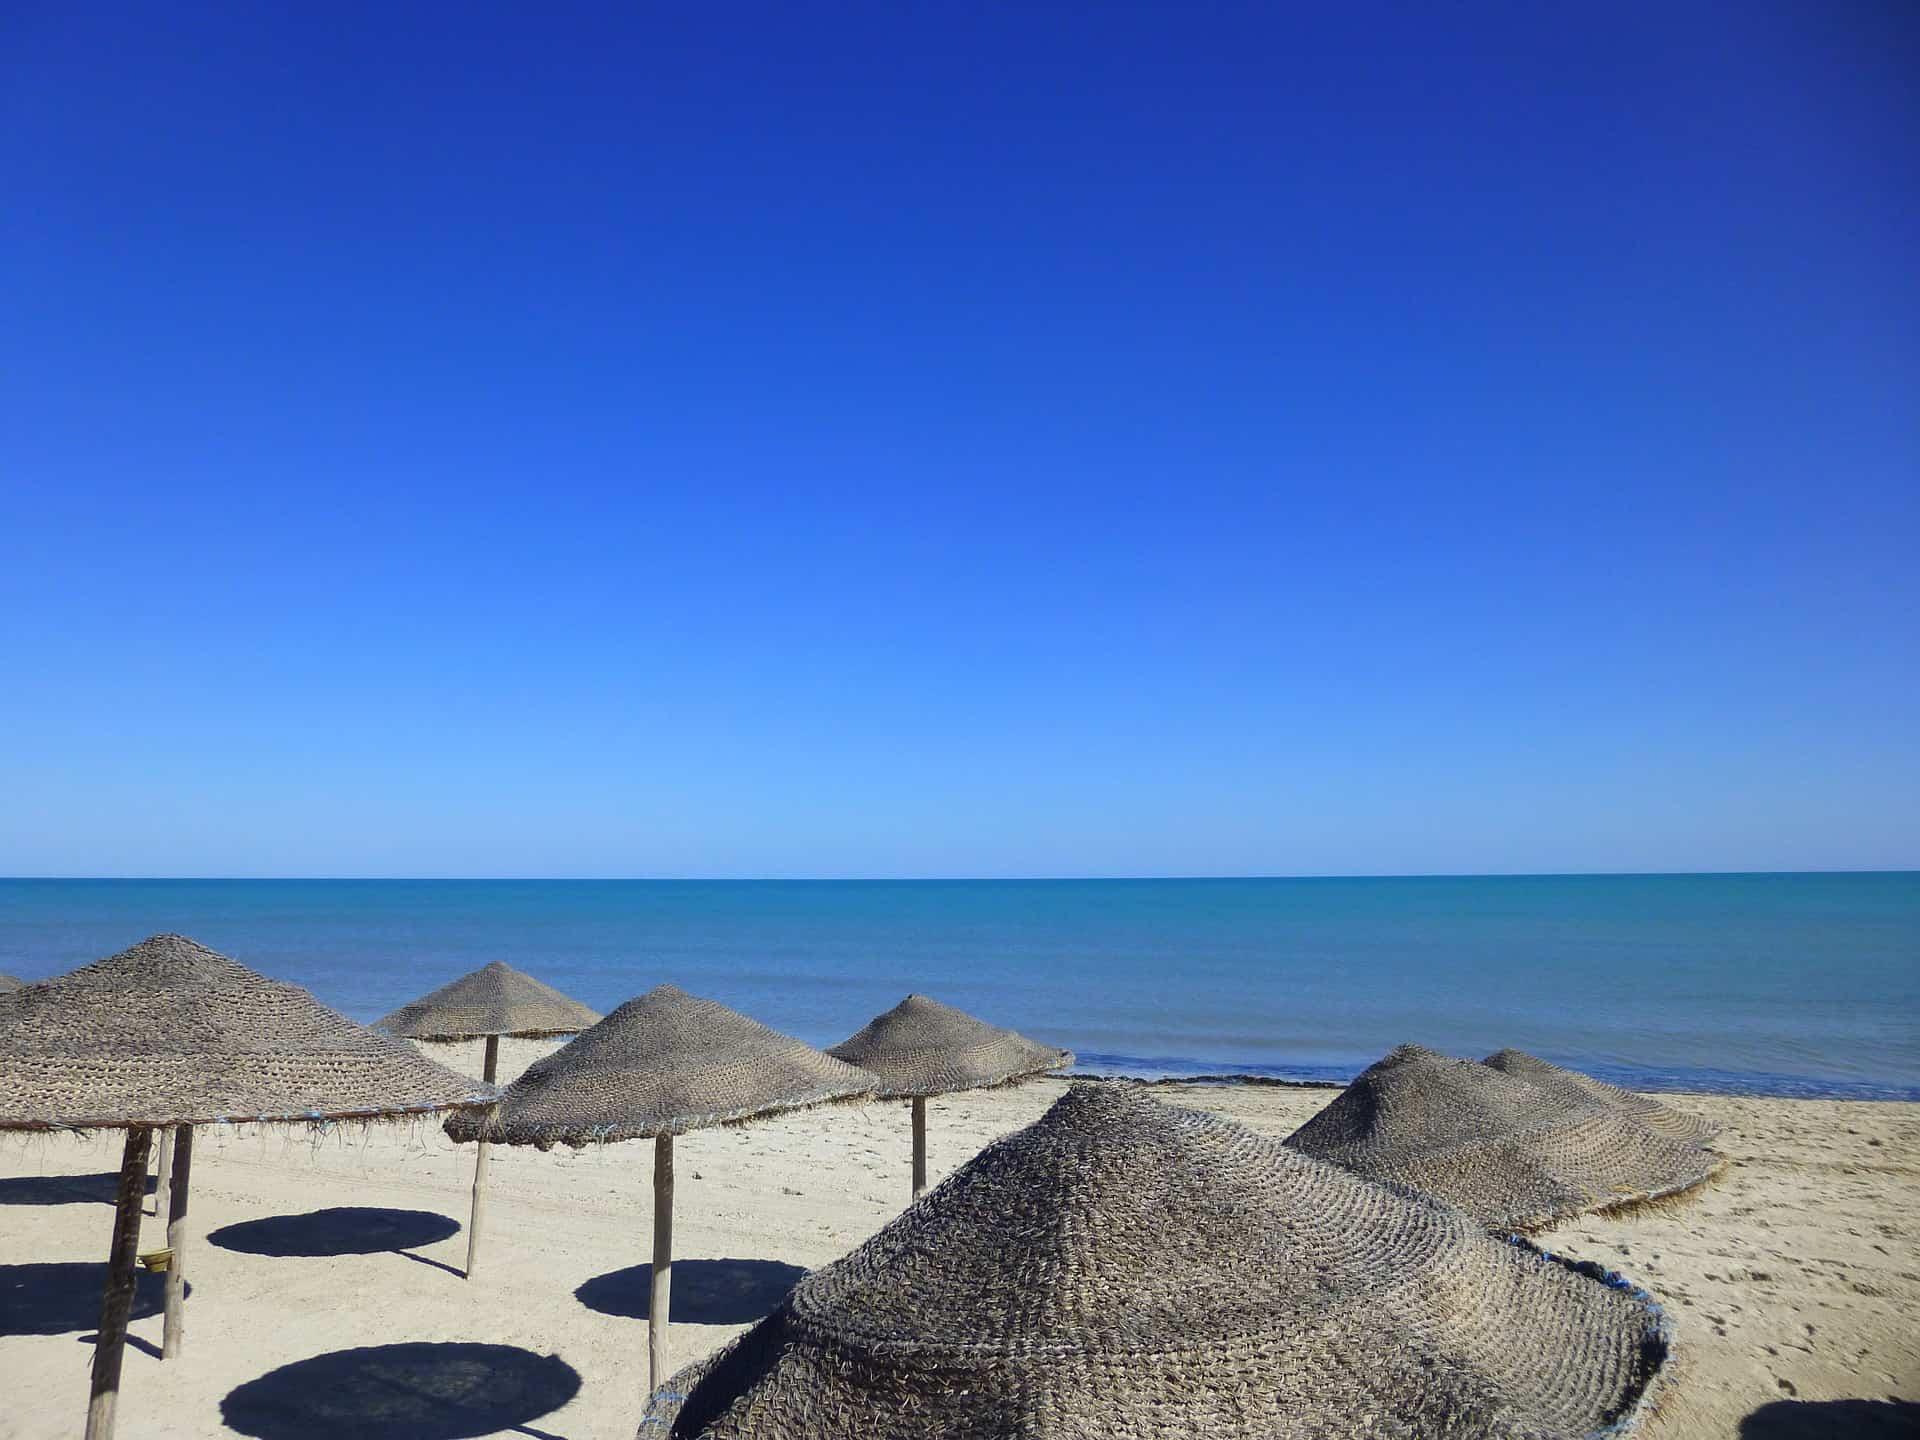 Oase Zarzis Urlaub 4 Sterne nur 237,00€ - die Woche Djerba Tunesien